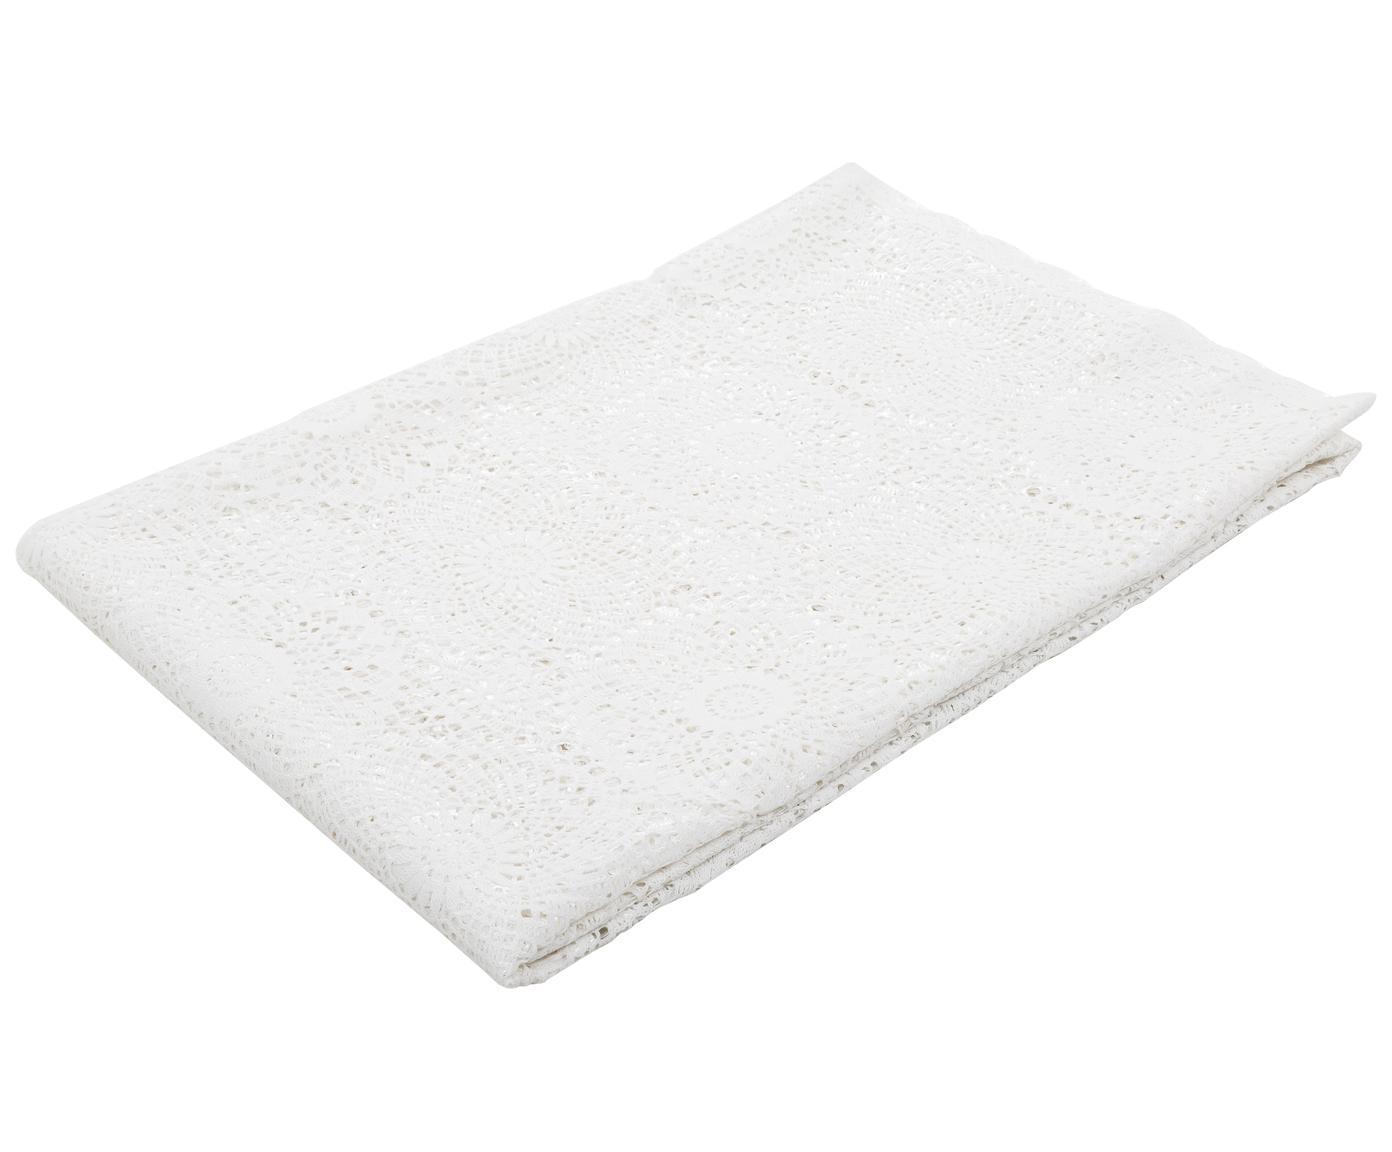 Mantel de plástico Lace, Fibra sintética PVC con aspecto de encaje, Blanco, De 8 a 10 comensales (An 150 x L 264 cm)